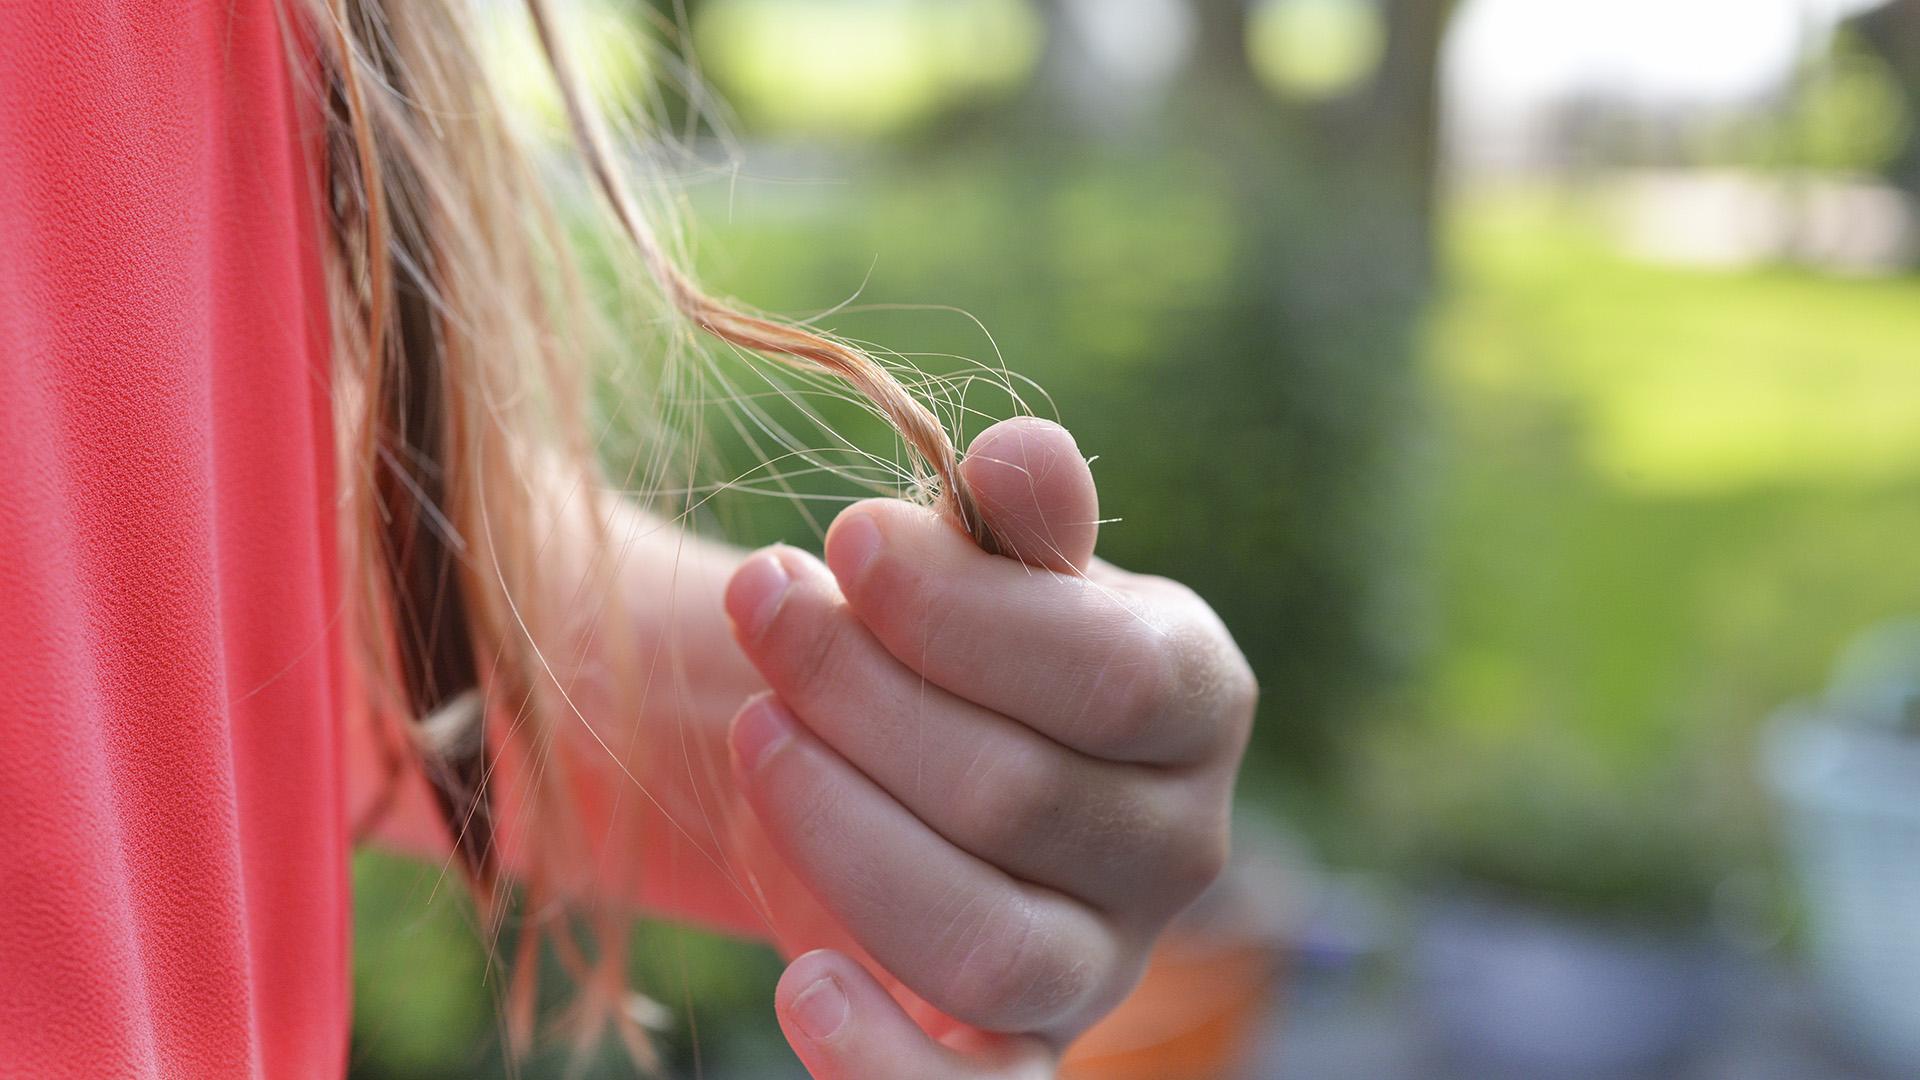 Hair Raising: The Bald Truth About COVID Hair Loss